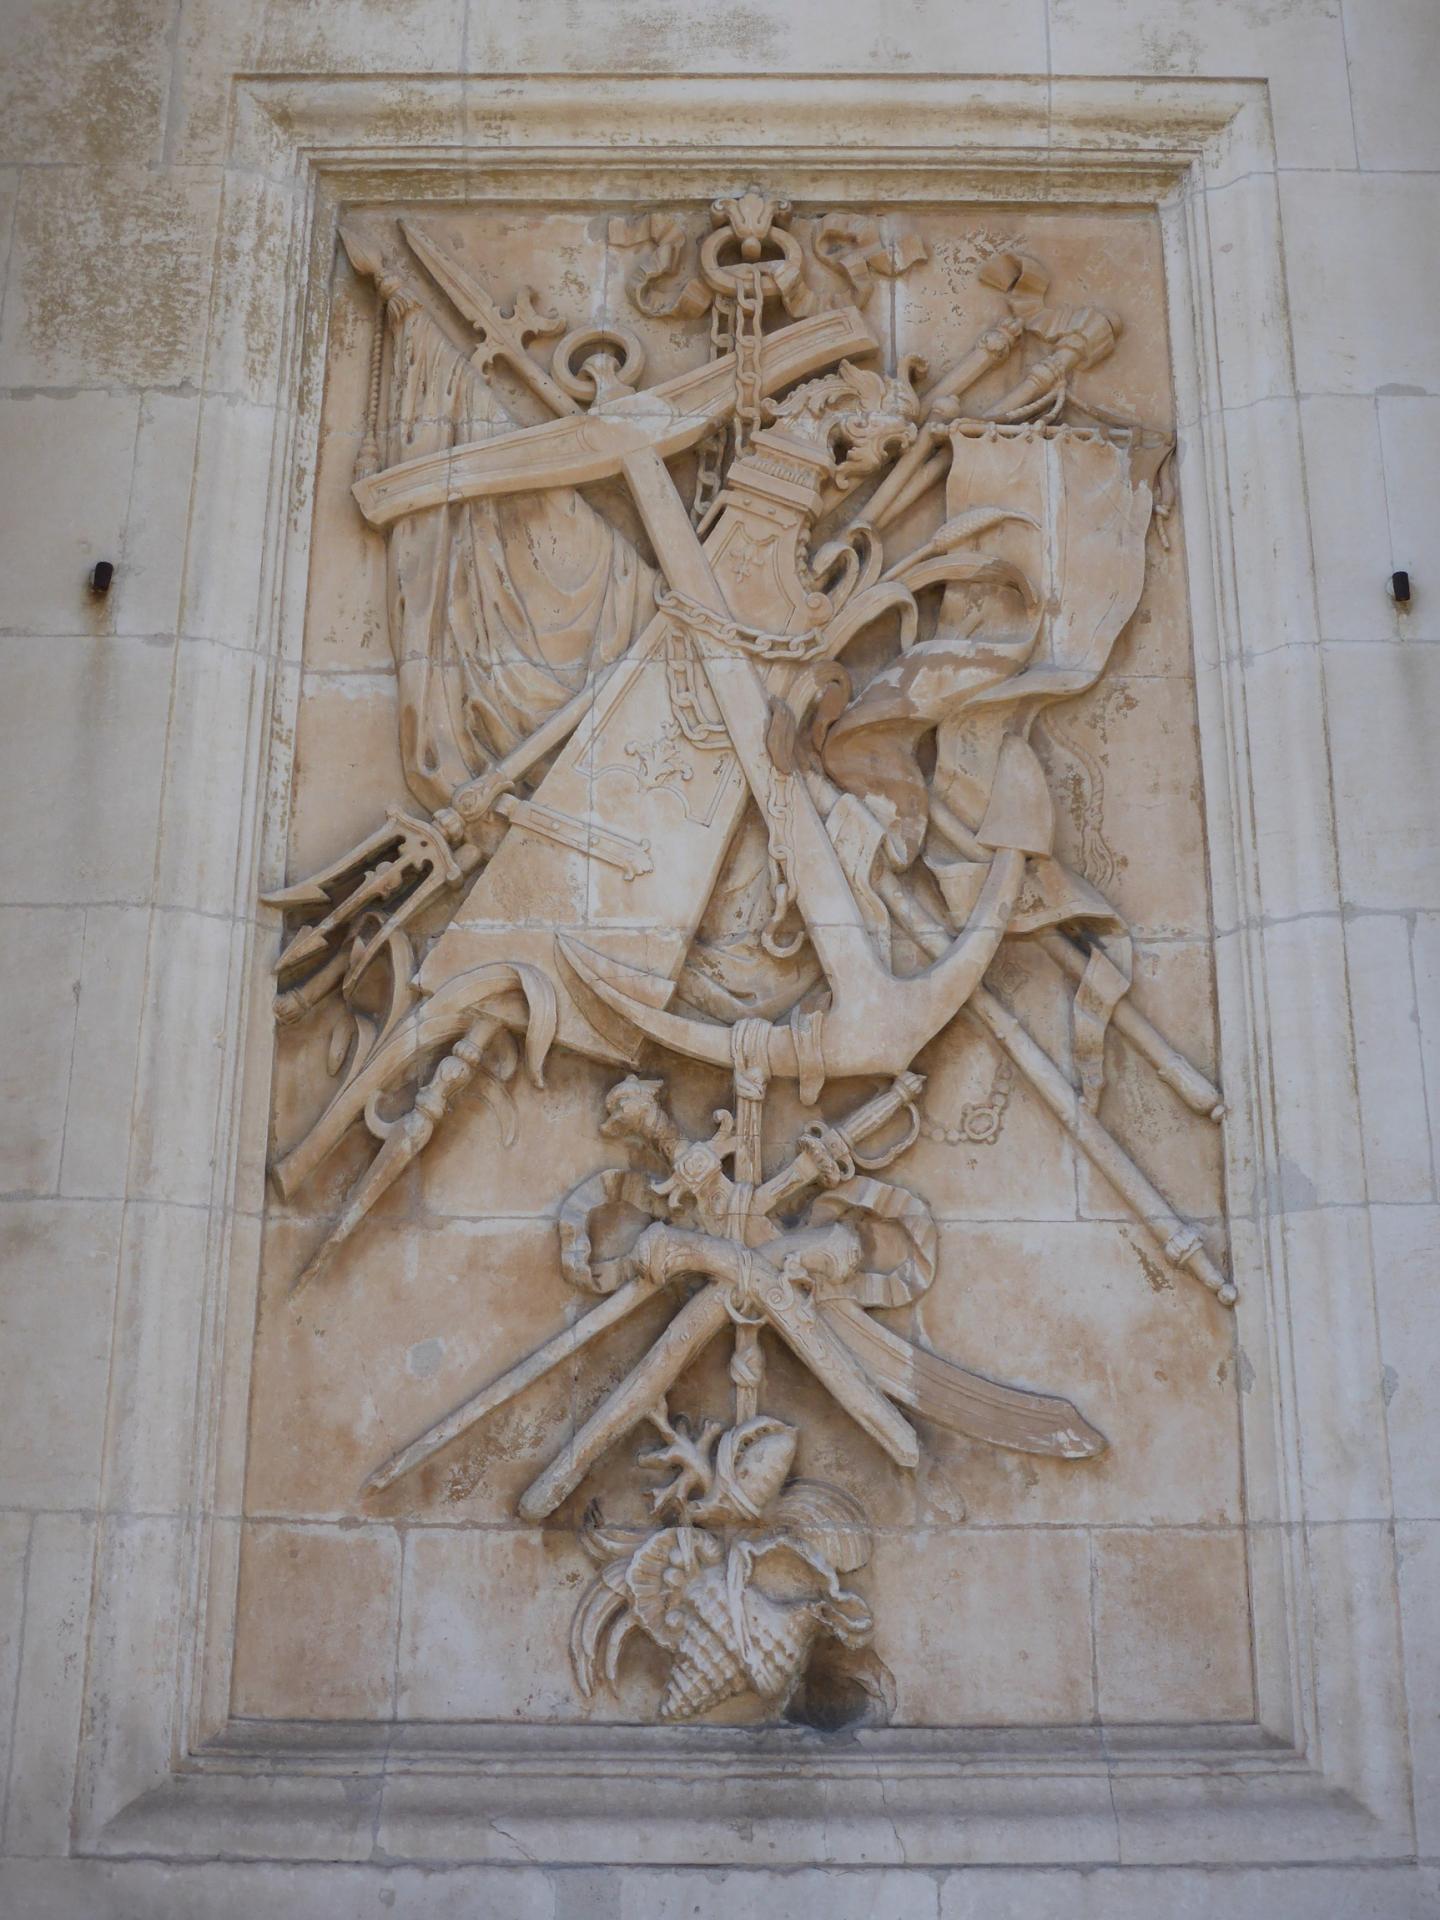 Joseph Hubac, dit l'Ancien : Trophées marins, vers 1730 (cliché Philippe Cachau)